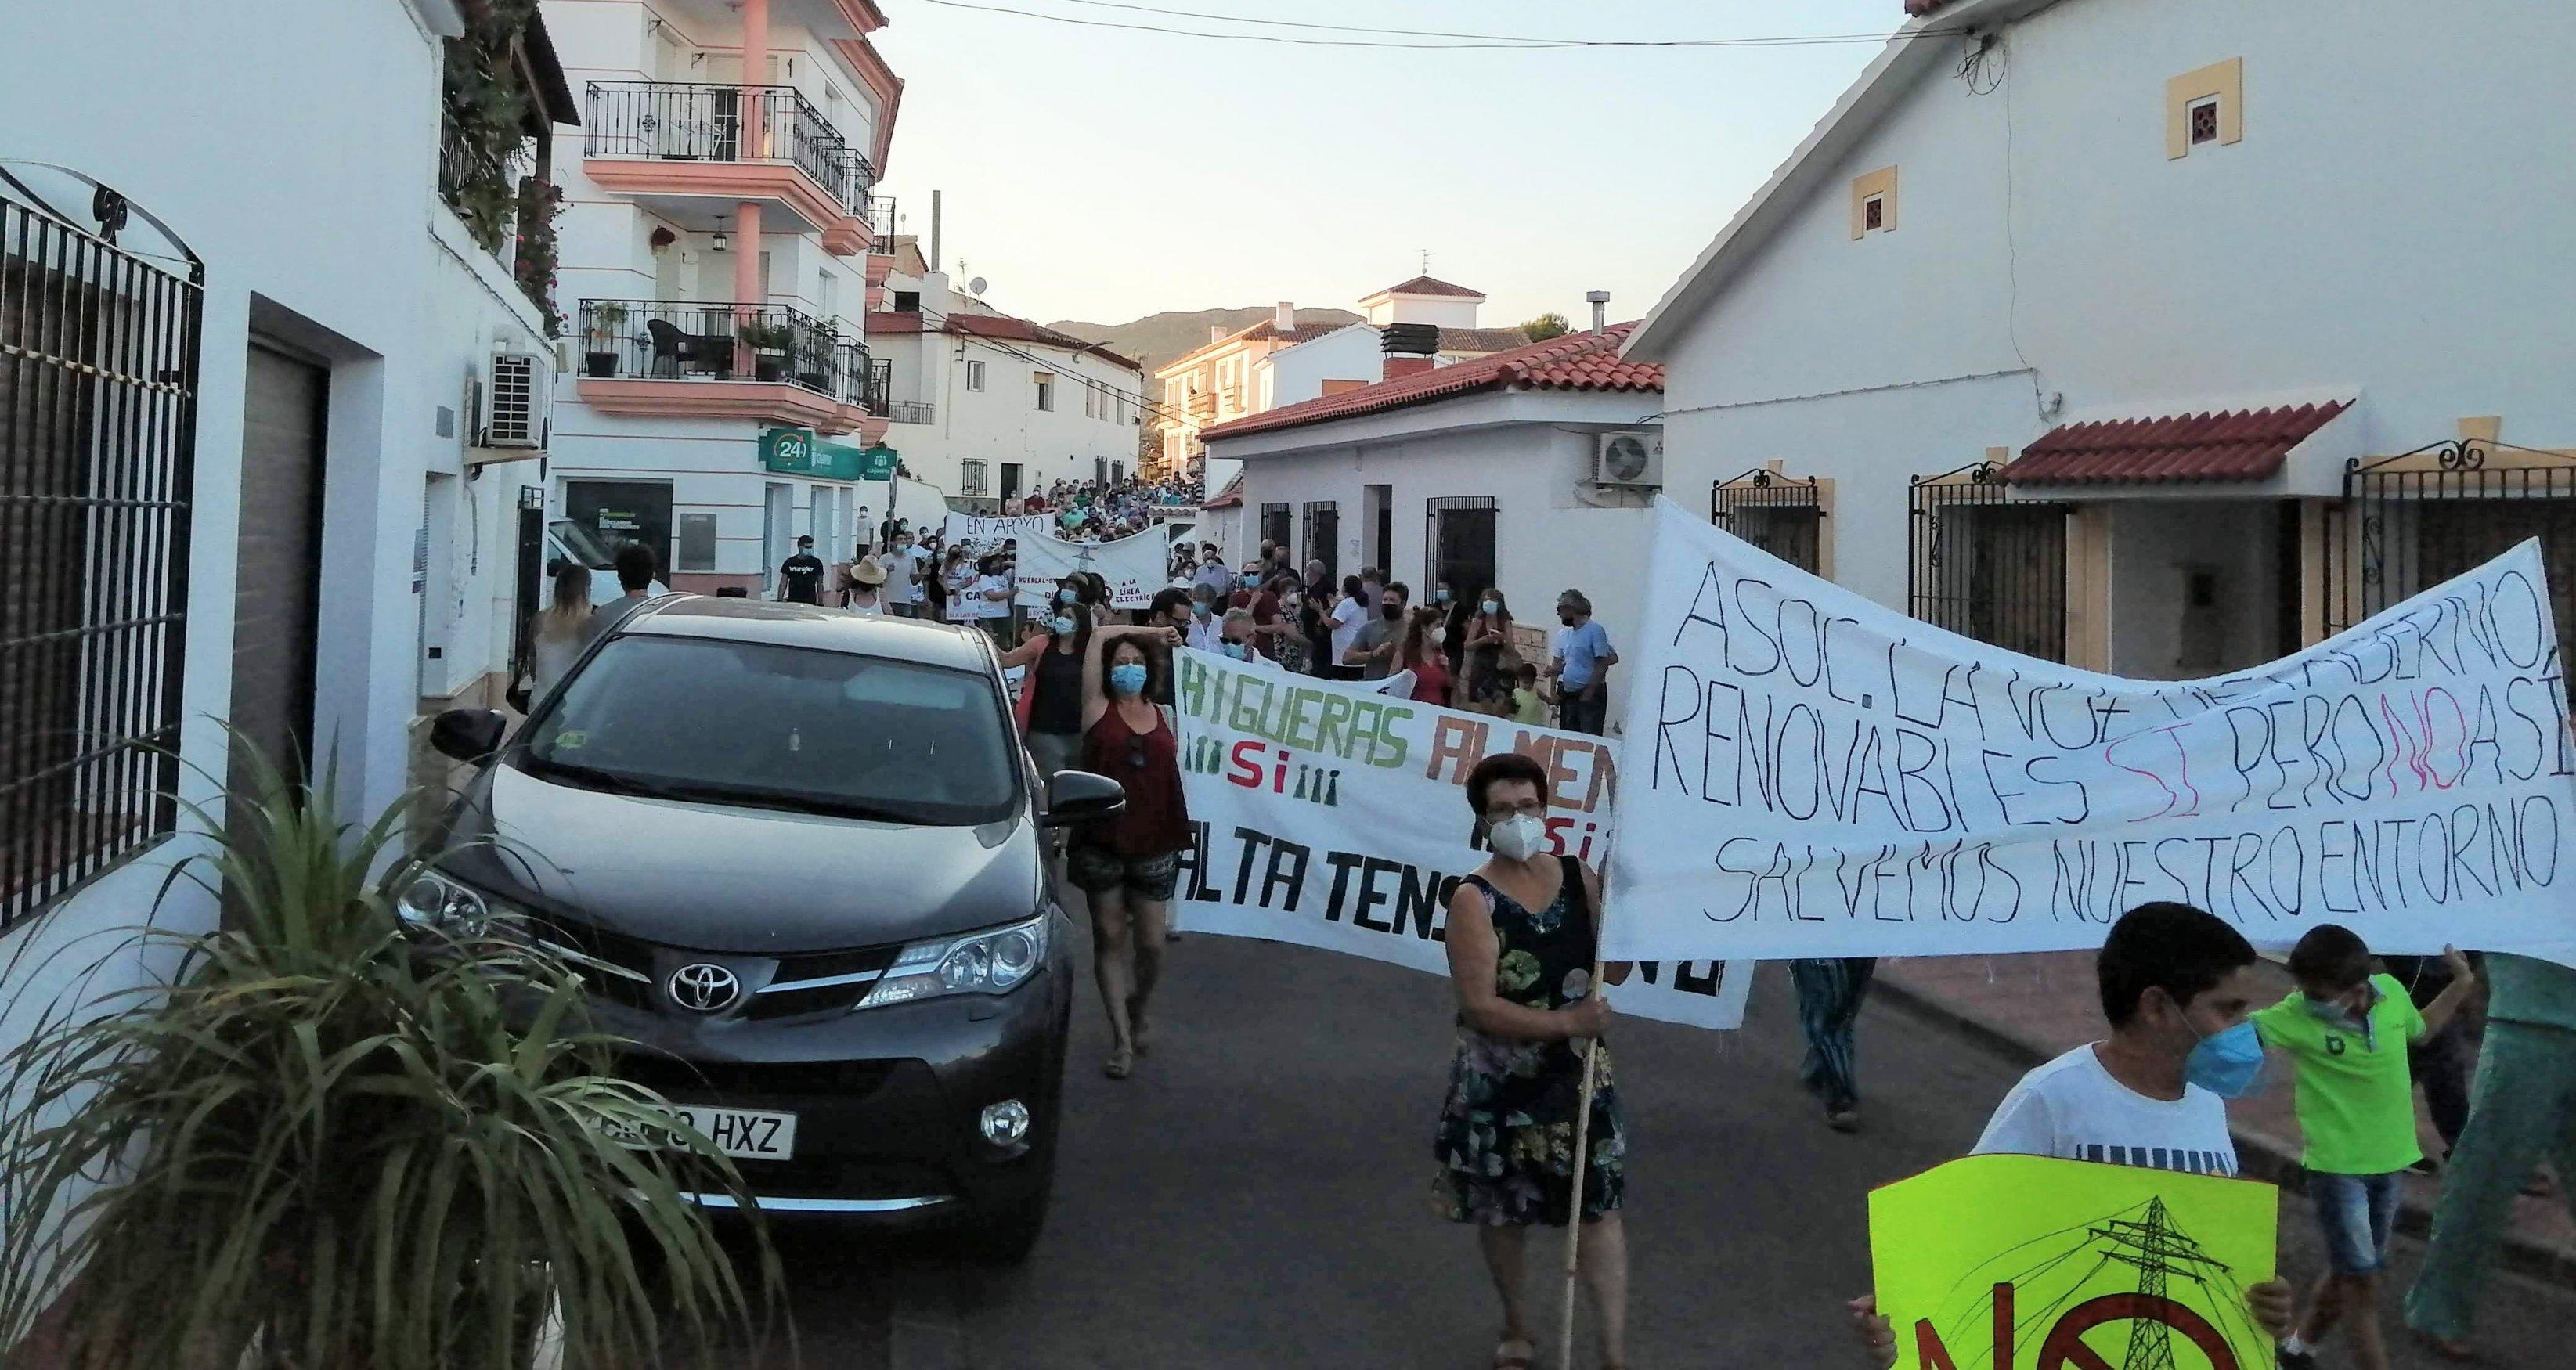 Ein Demonstrationszug mit Transparenten auf der Hauptstraße einer spanischen Ortschaft